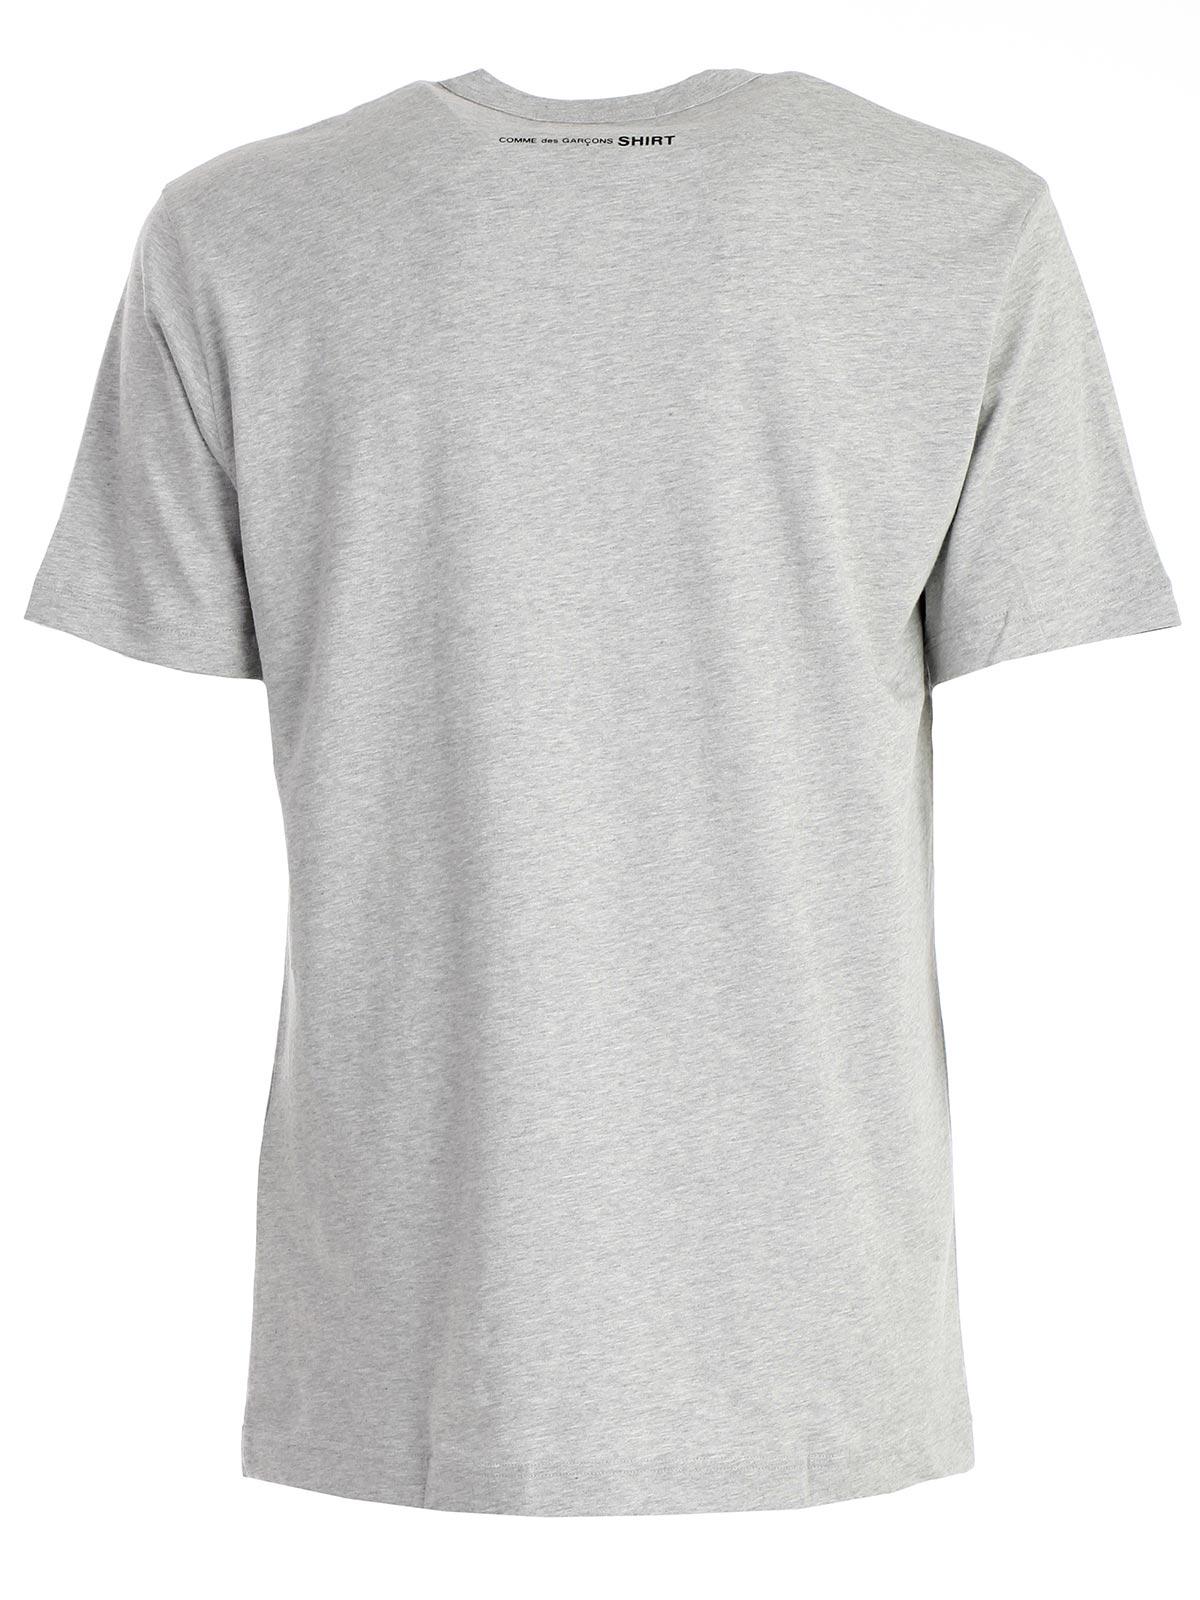 Picture of Comme Des Garcons Shirt T-Shirt